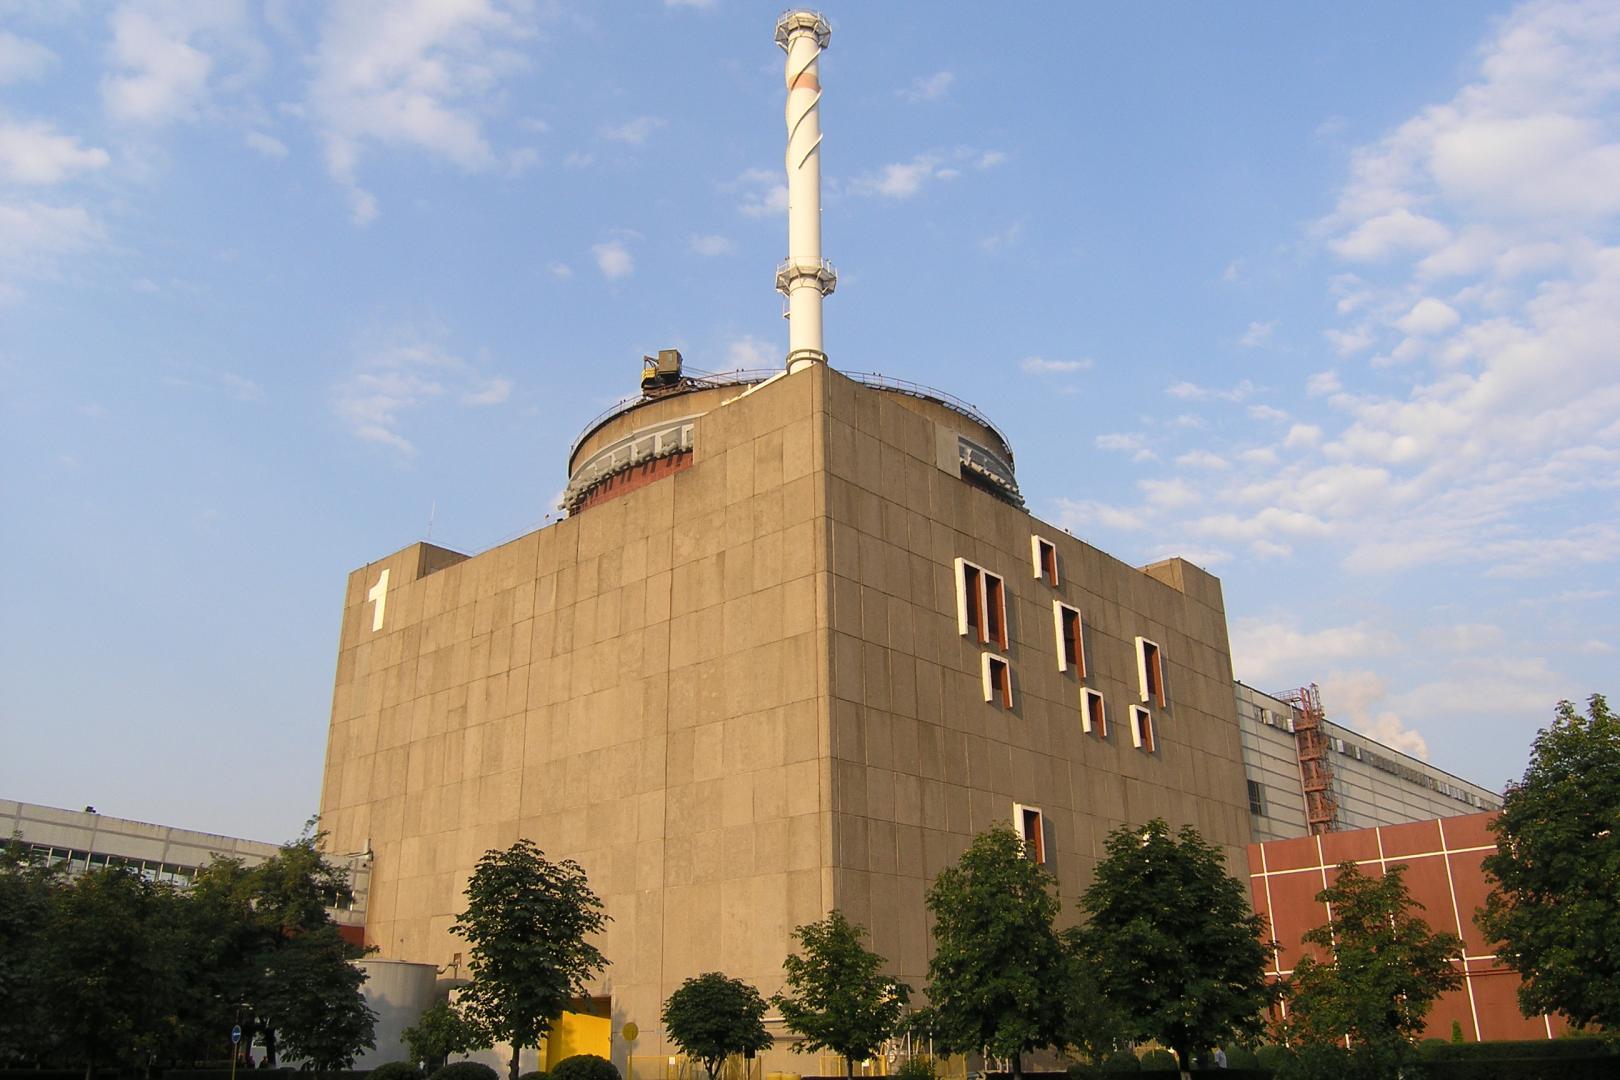 Ще один енергоблок Запорізької АЕС випробують для участі в ринку допоміжних послуг